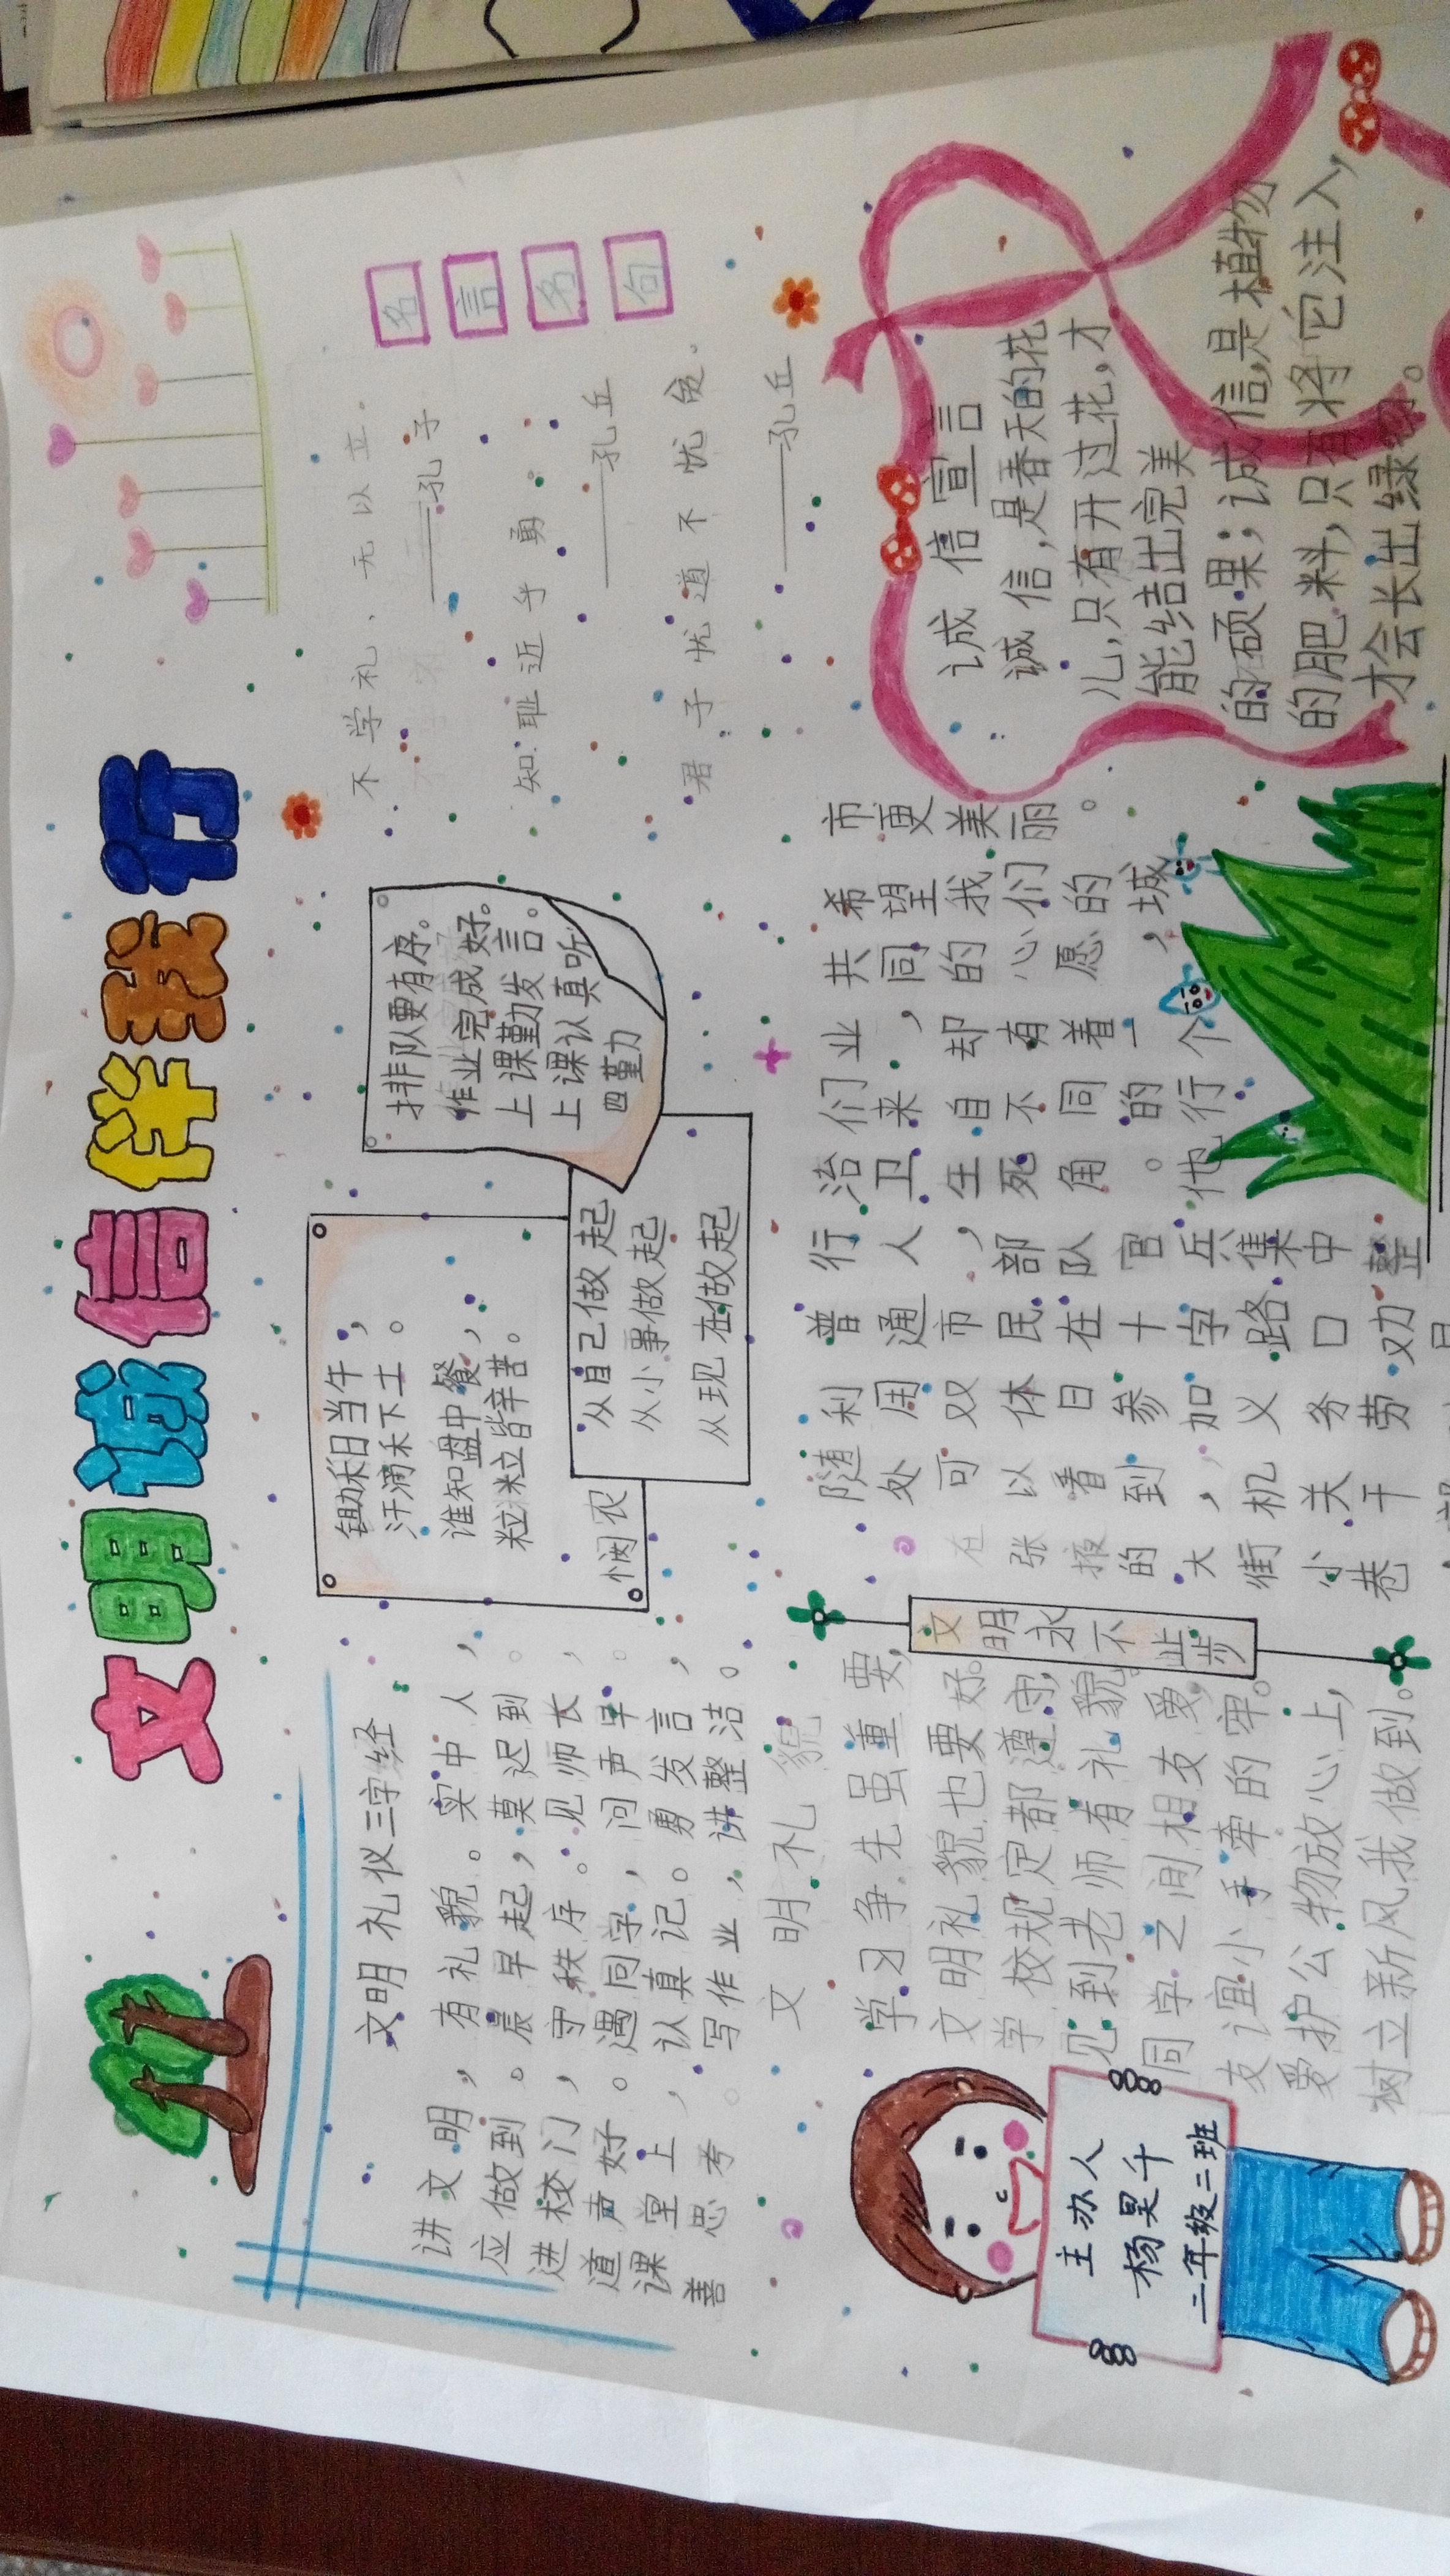 手抄报 - 活动中心7月新闻 - 活动 - 未来网红领巾图片